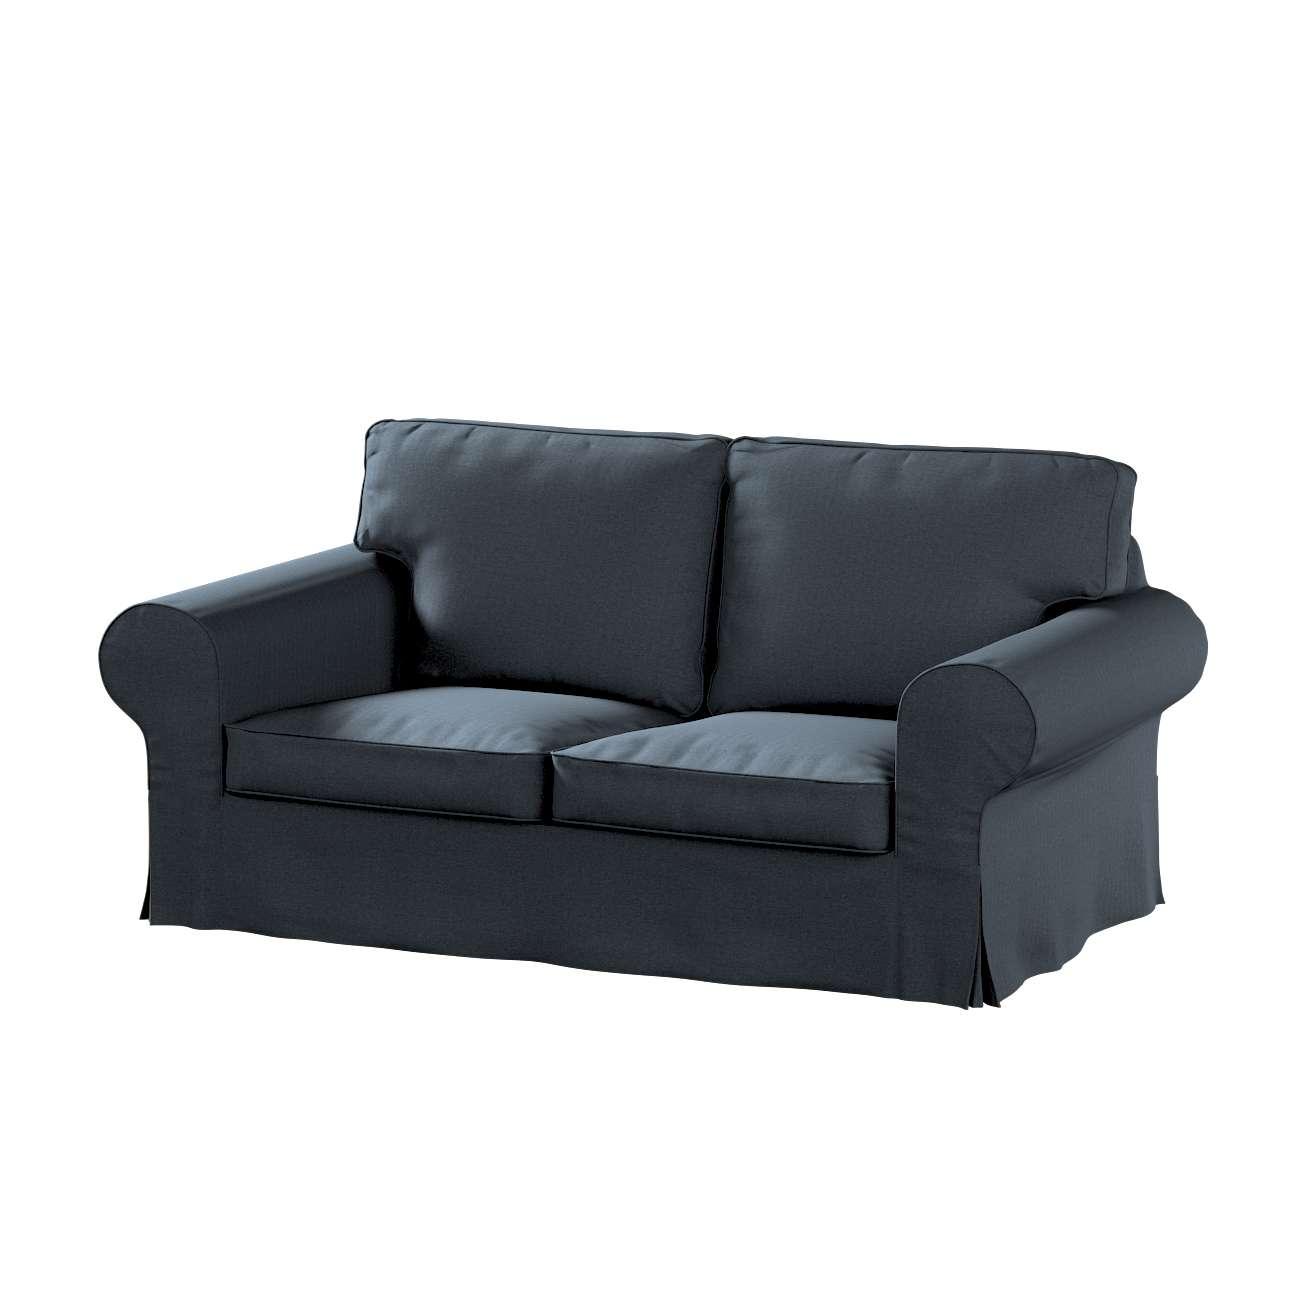 Pokrowiec na sofę Ektorp 2-osobową rozkładaną, model po 2012 w kolekcji Etna, tkanina: 705-30